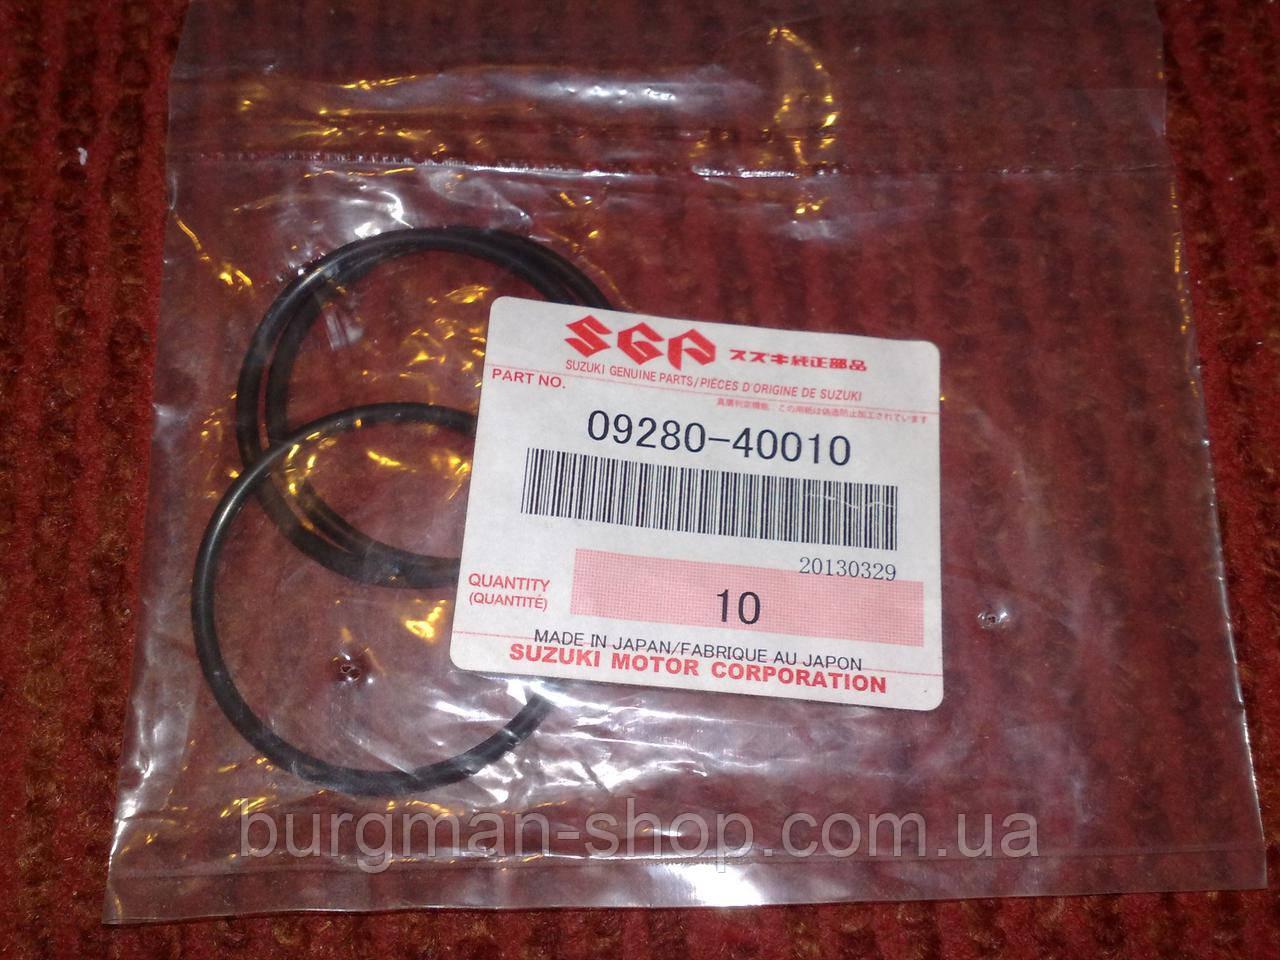 Сальник впускного коллектора 400сс 99-06г Suzuki Burgman SkyWave 09280-40010